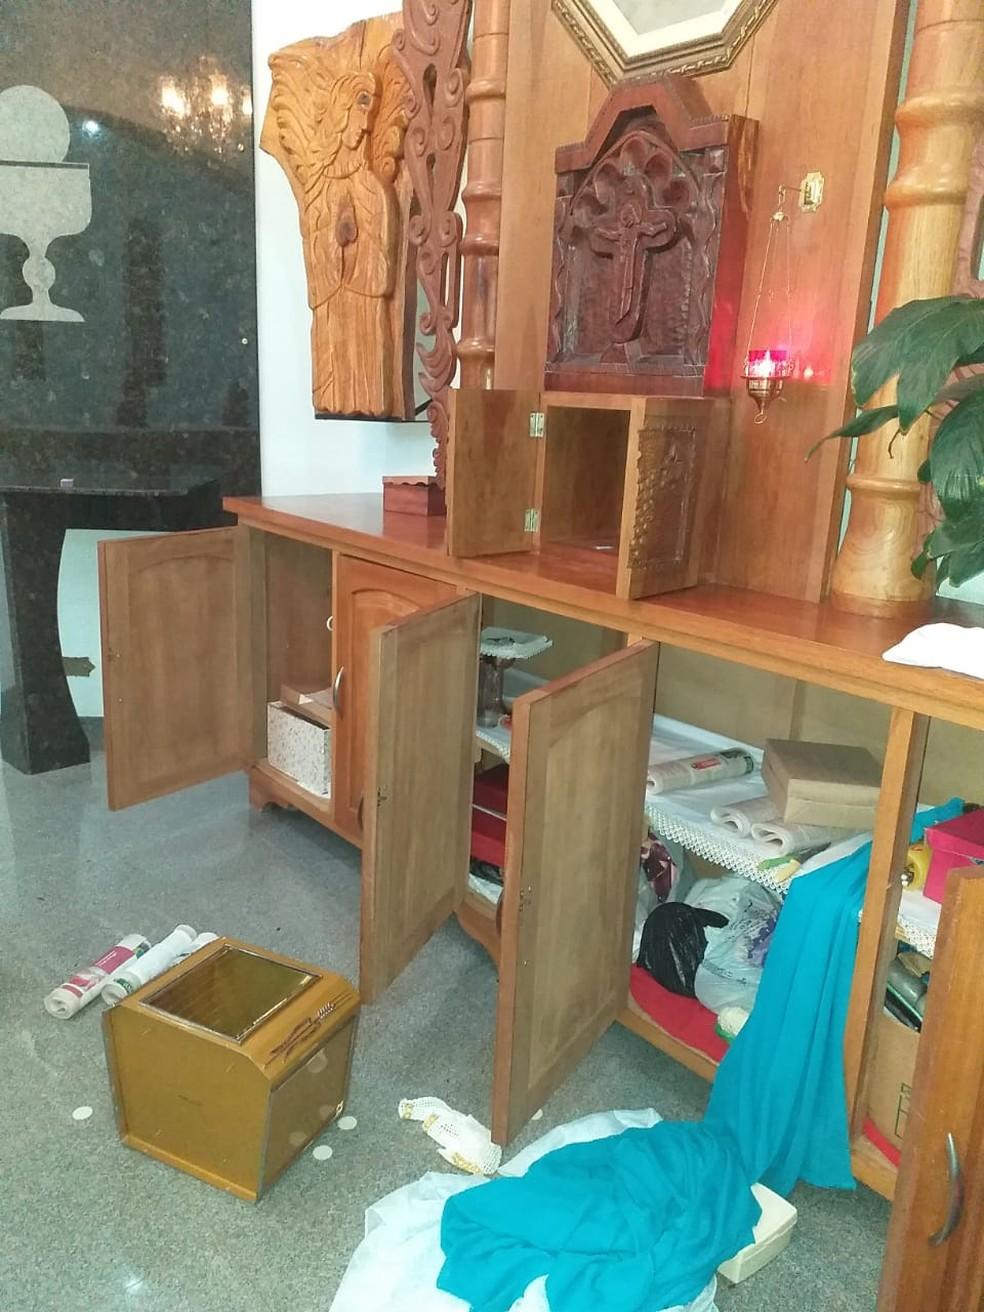 Suspeitos reviraram o sacrário e a mesa do dízimo da capela — Foto: Padre Walter Roberto Pereira/Arquivo Pessoal